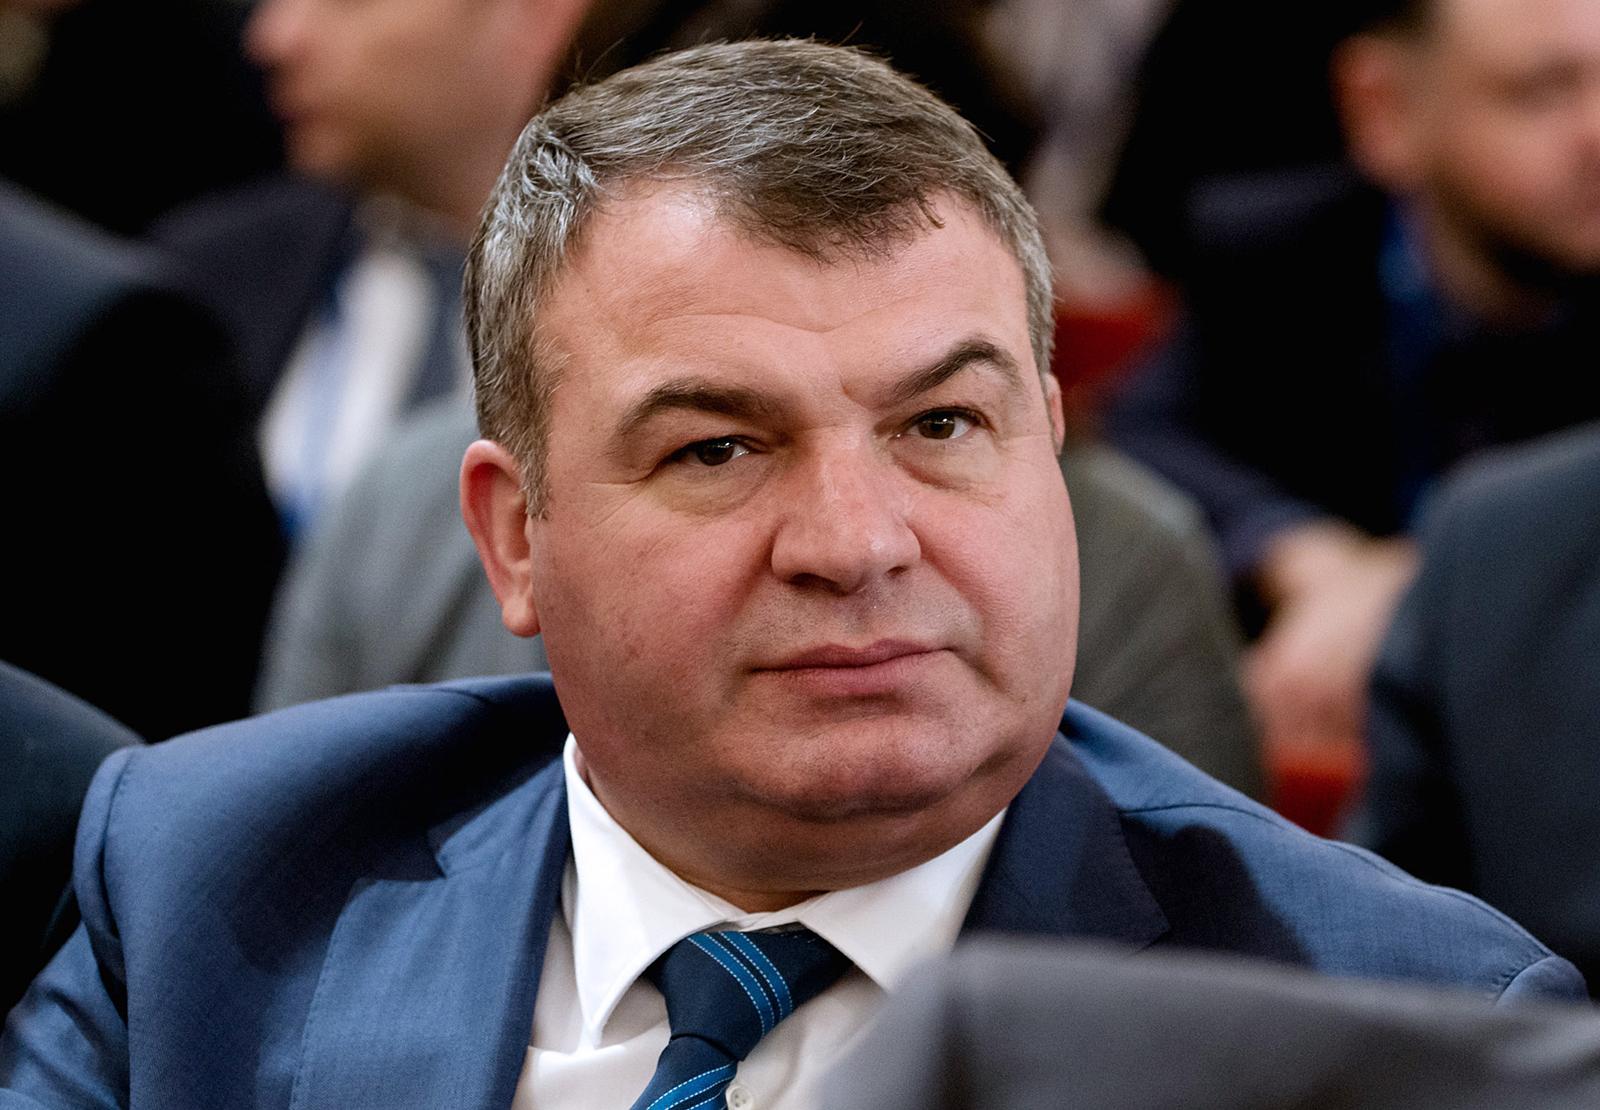 Анатолий Сердюков возглавил совет директоров ОАК